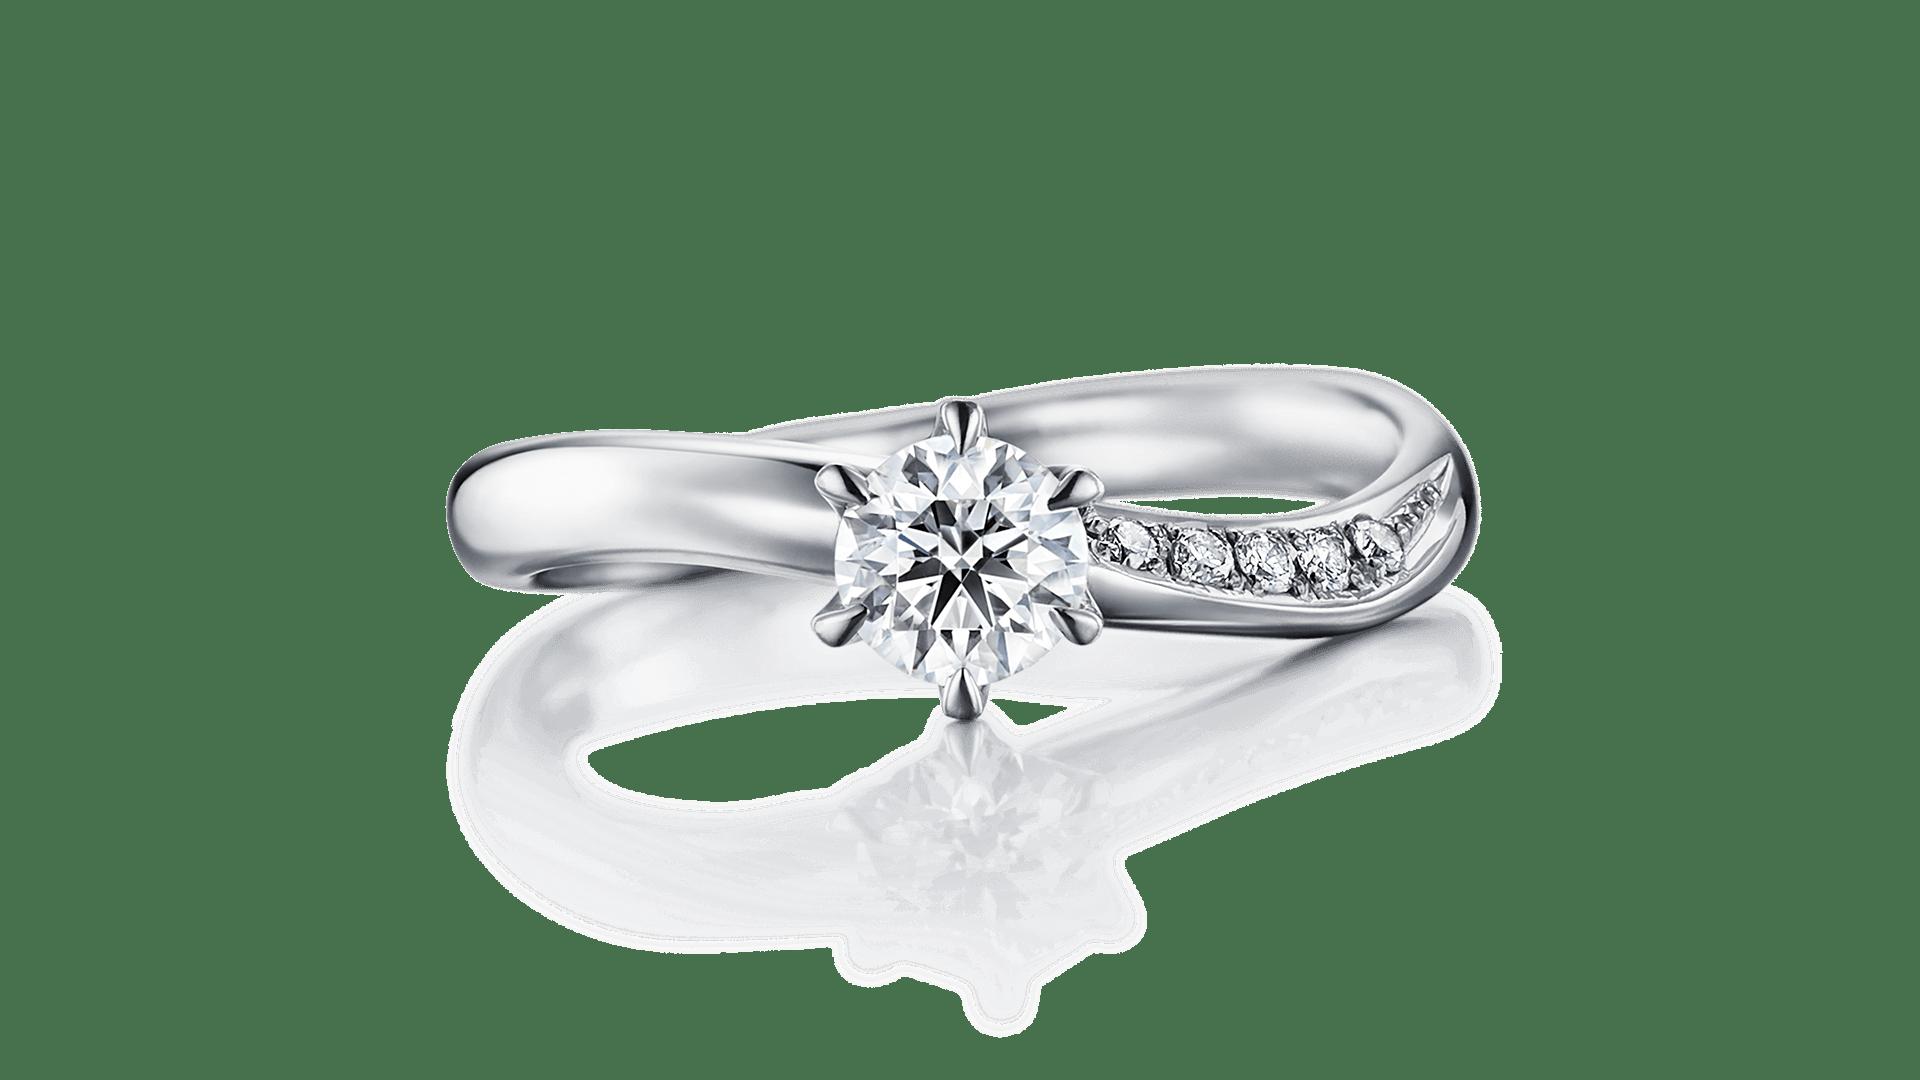 pluto プルート | 婚約指輪サムネイル 1